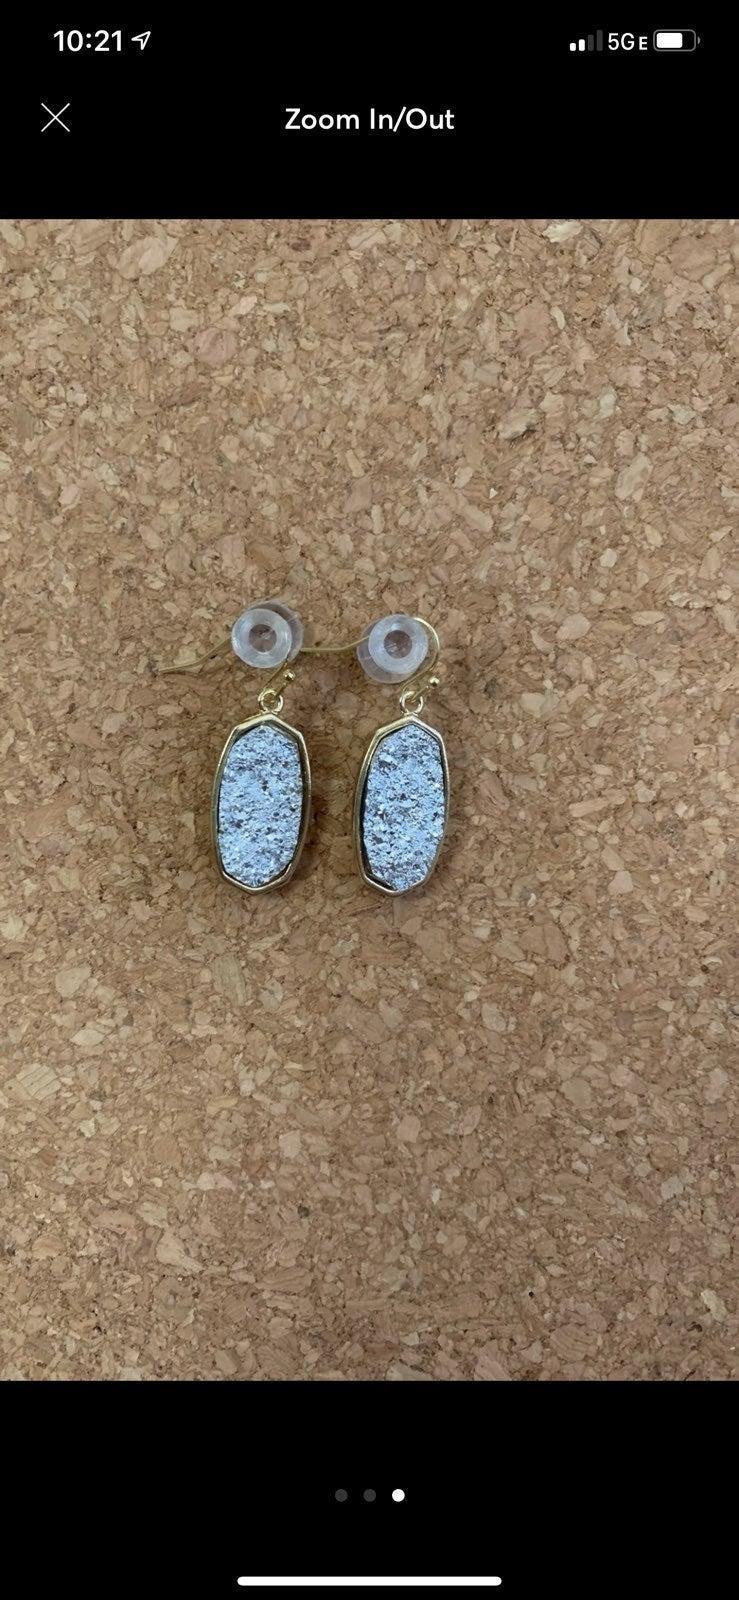 NEW silver druzy stone earrings